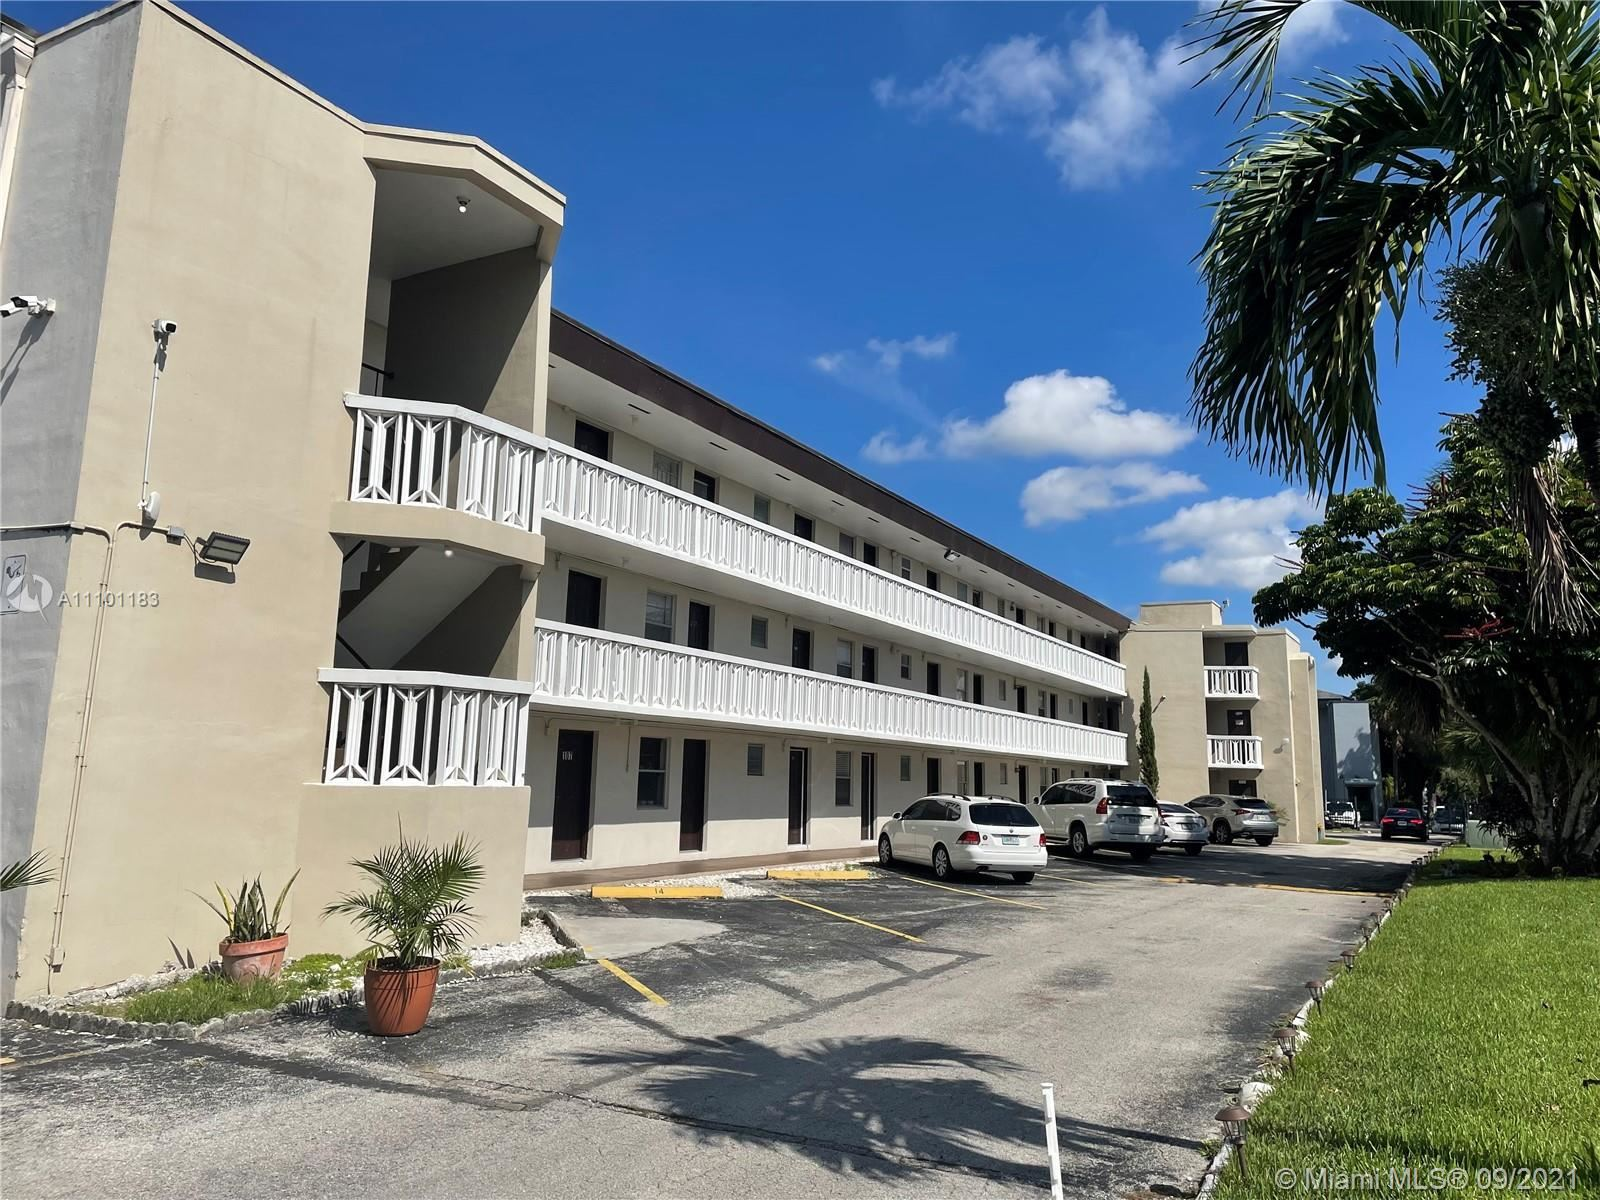 18900 NE 14th Ave #D104, Miami, FL 33179 - #: A11101183